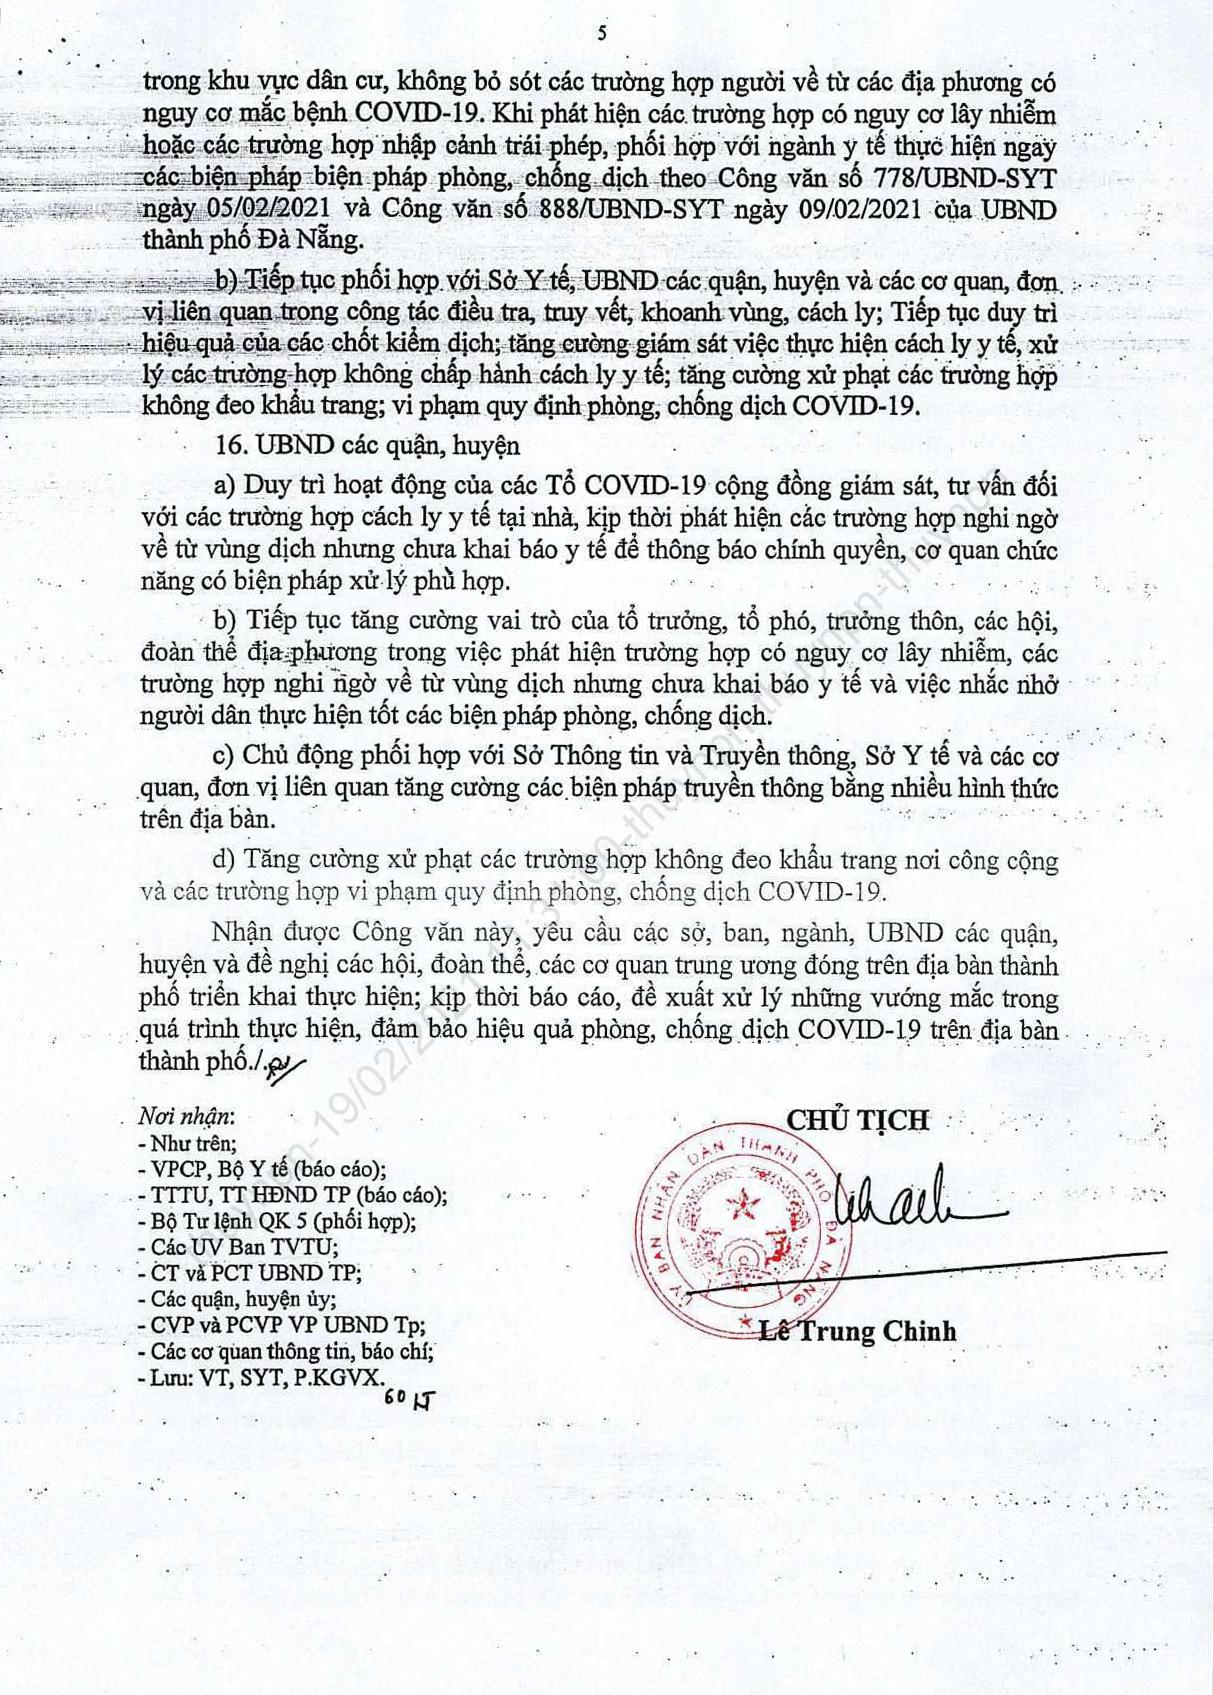 Thành phố Đà Nẵng tiếp tục tạm dừng, không tổ chức lễ hội, hoạt động, sự kiện tập trung đông người không cần thiết sau Tết Nguyên đán 2021